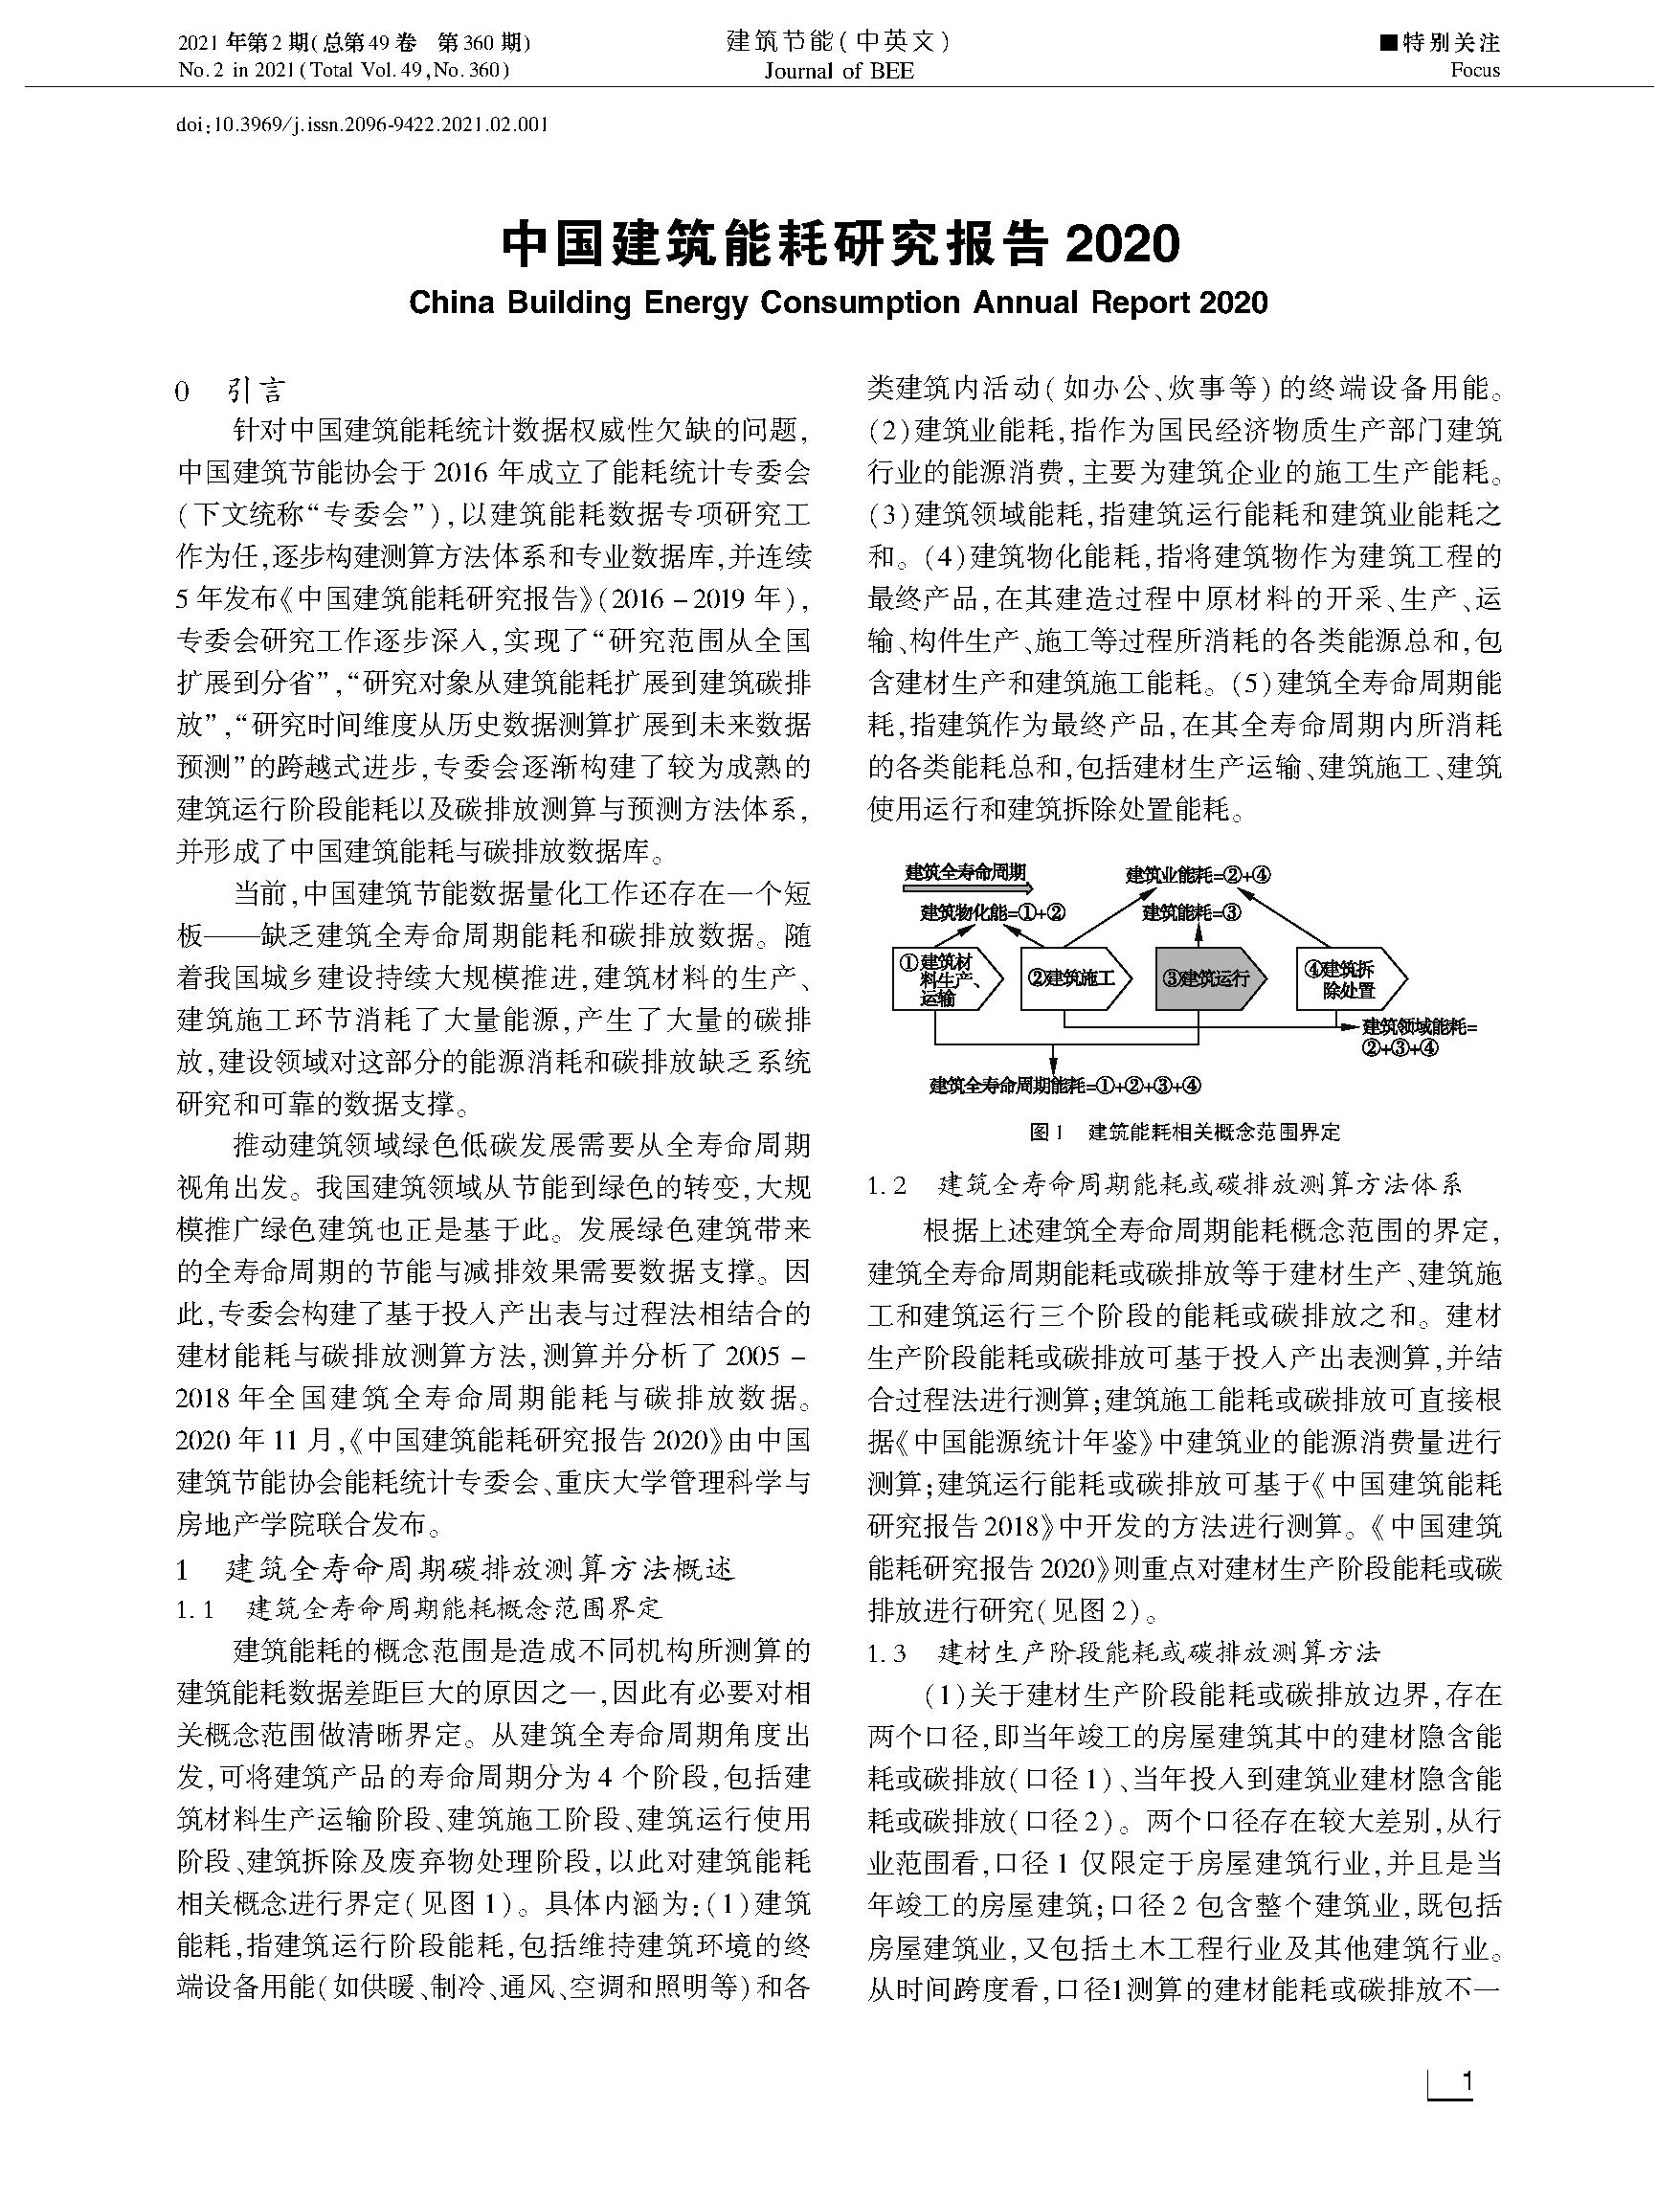 建筑节能--中国建筑能耗研究报告2020_页面_06.png